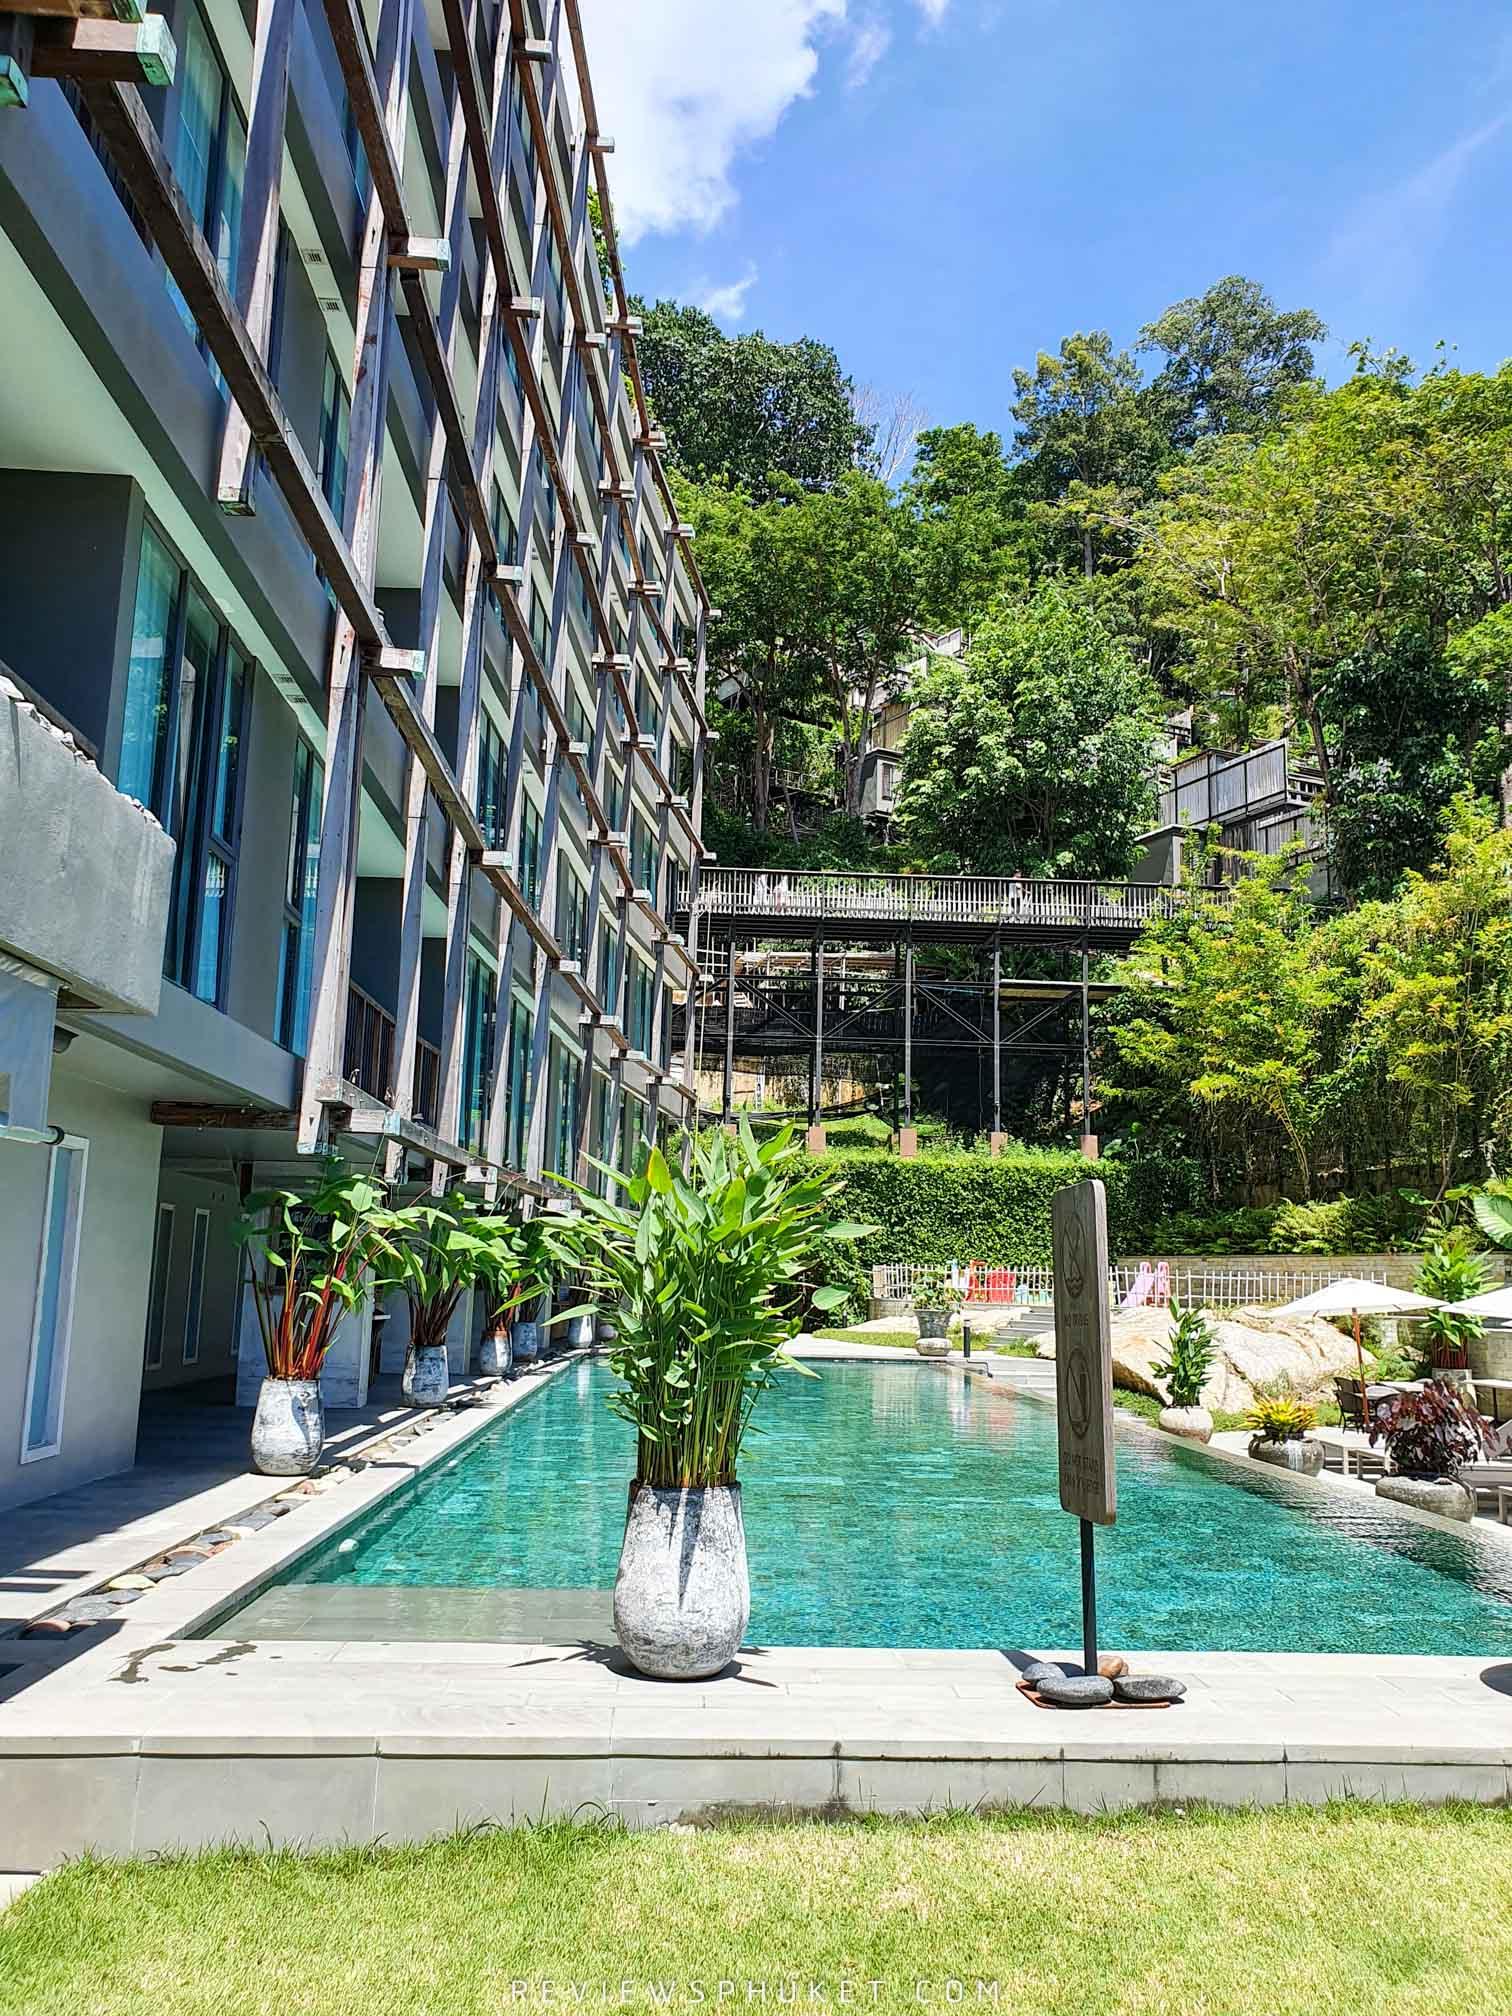 โรงแรมโอบล้อมไปด้วยสีเขียว บอกเลยว่าสายป่าๆ-ต้องห้ามพลาดกับความเขียวชอุ่มของต้นไม้ที่ล้อมรอบ ดินสอรีสอร์ท,ที่พักป่าตอง,ที่พักสวยๆ